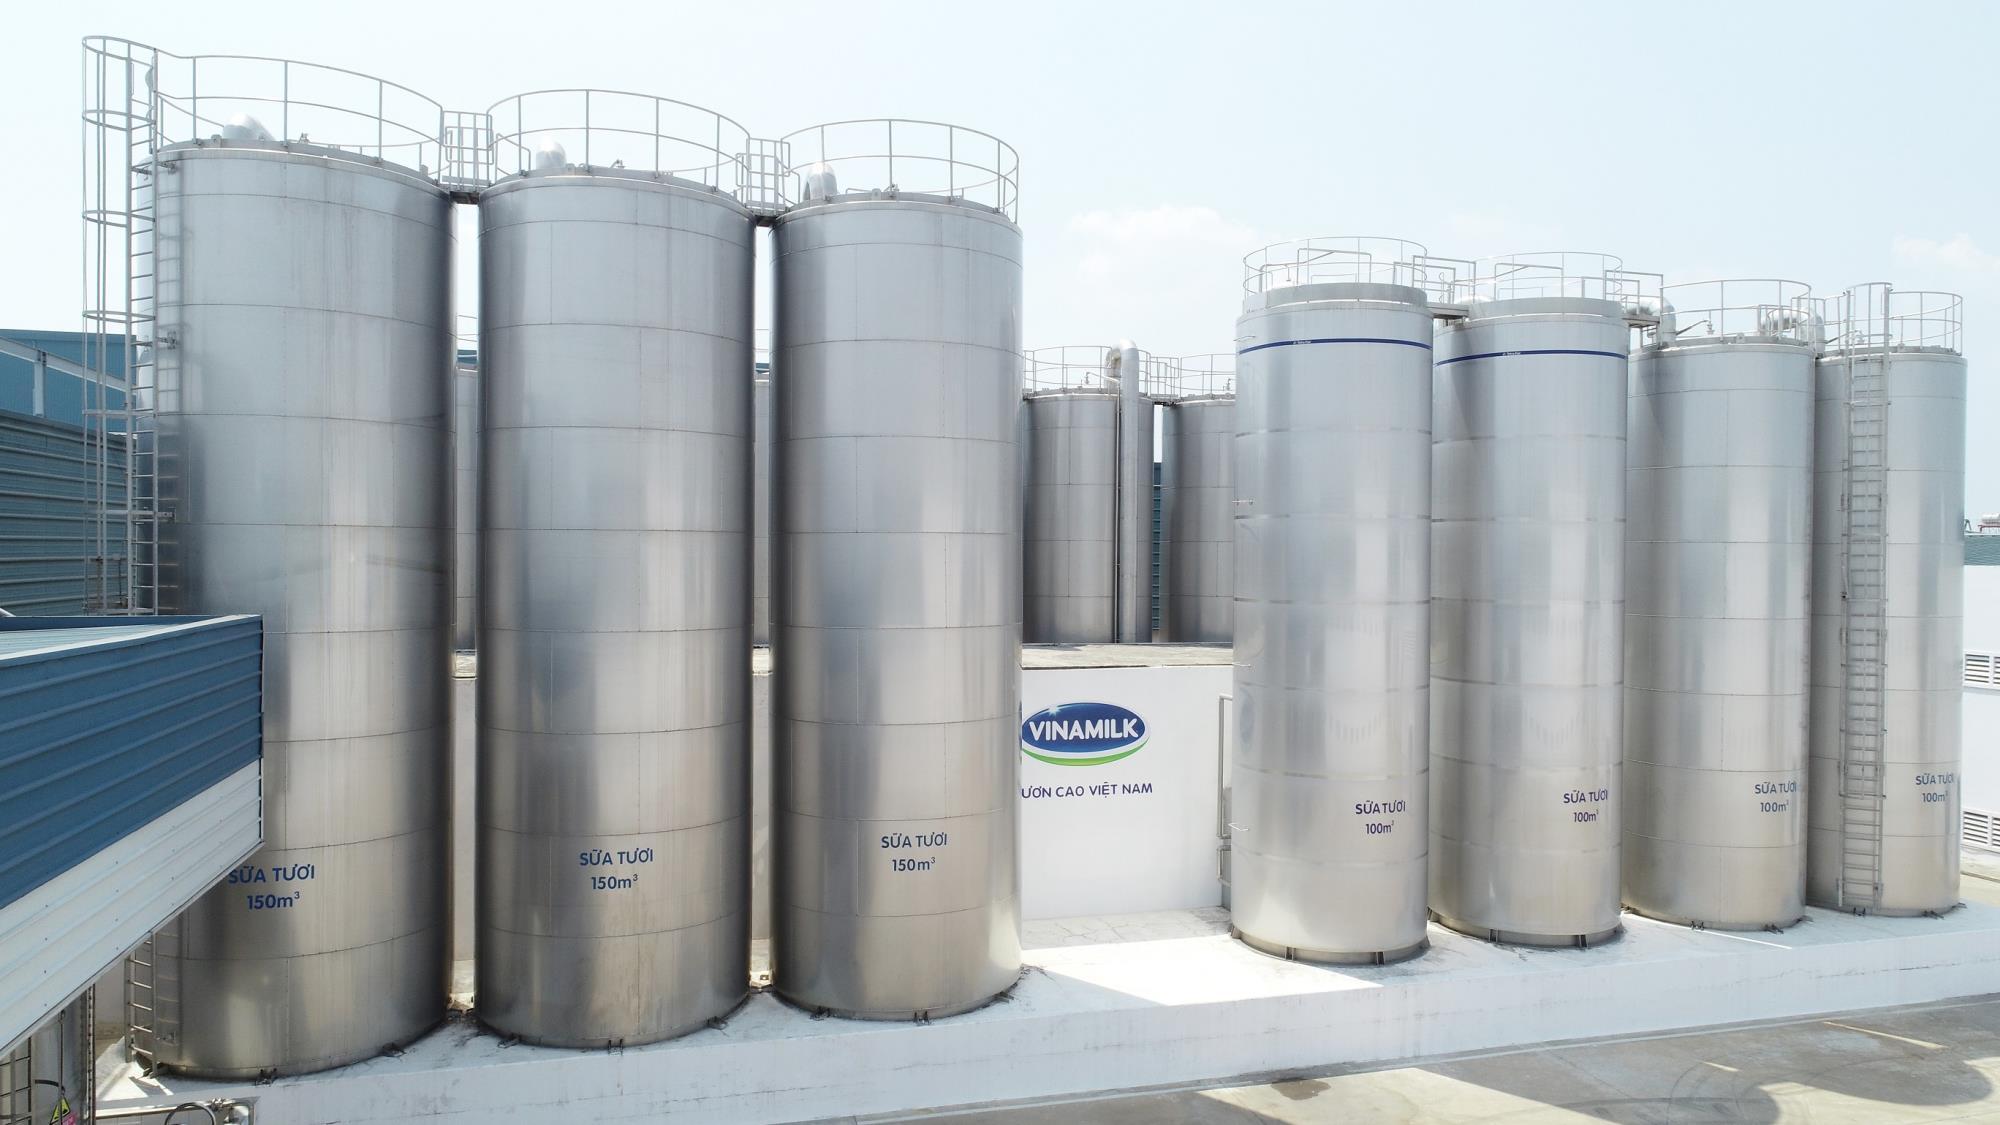 Vinamilk tiếp tục là thương hiệu được mua nhiều nhất tại Việt Nam - Ảnh 4